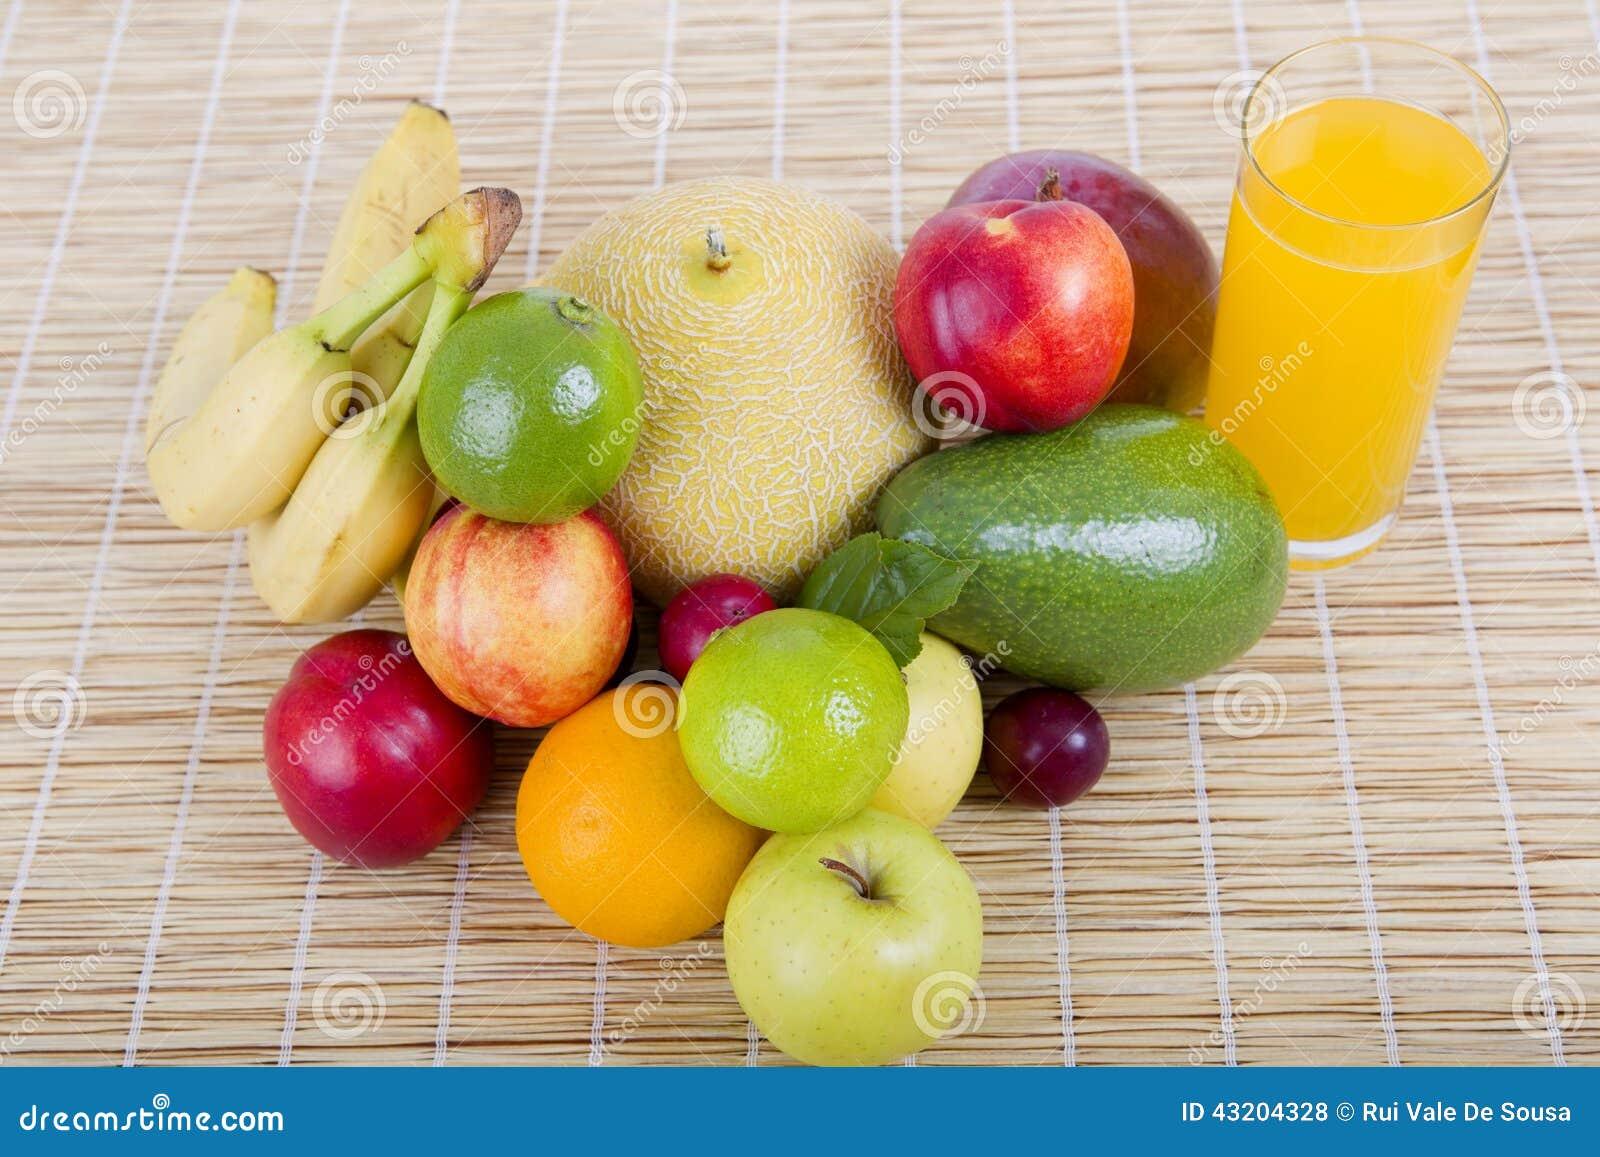 Download Bär fruktt variation arkivfoto. Bild av livsmedel, begrepp - 43204328